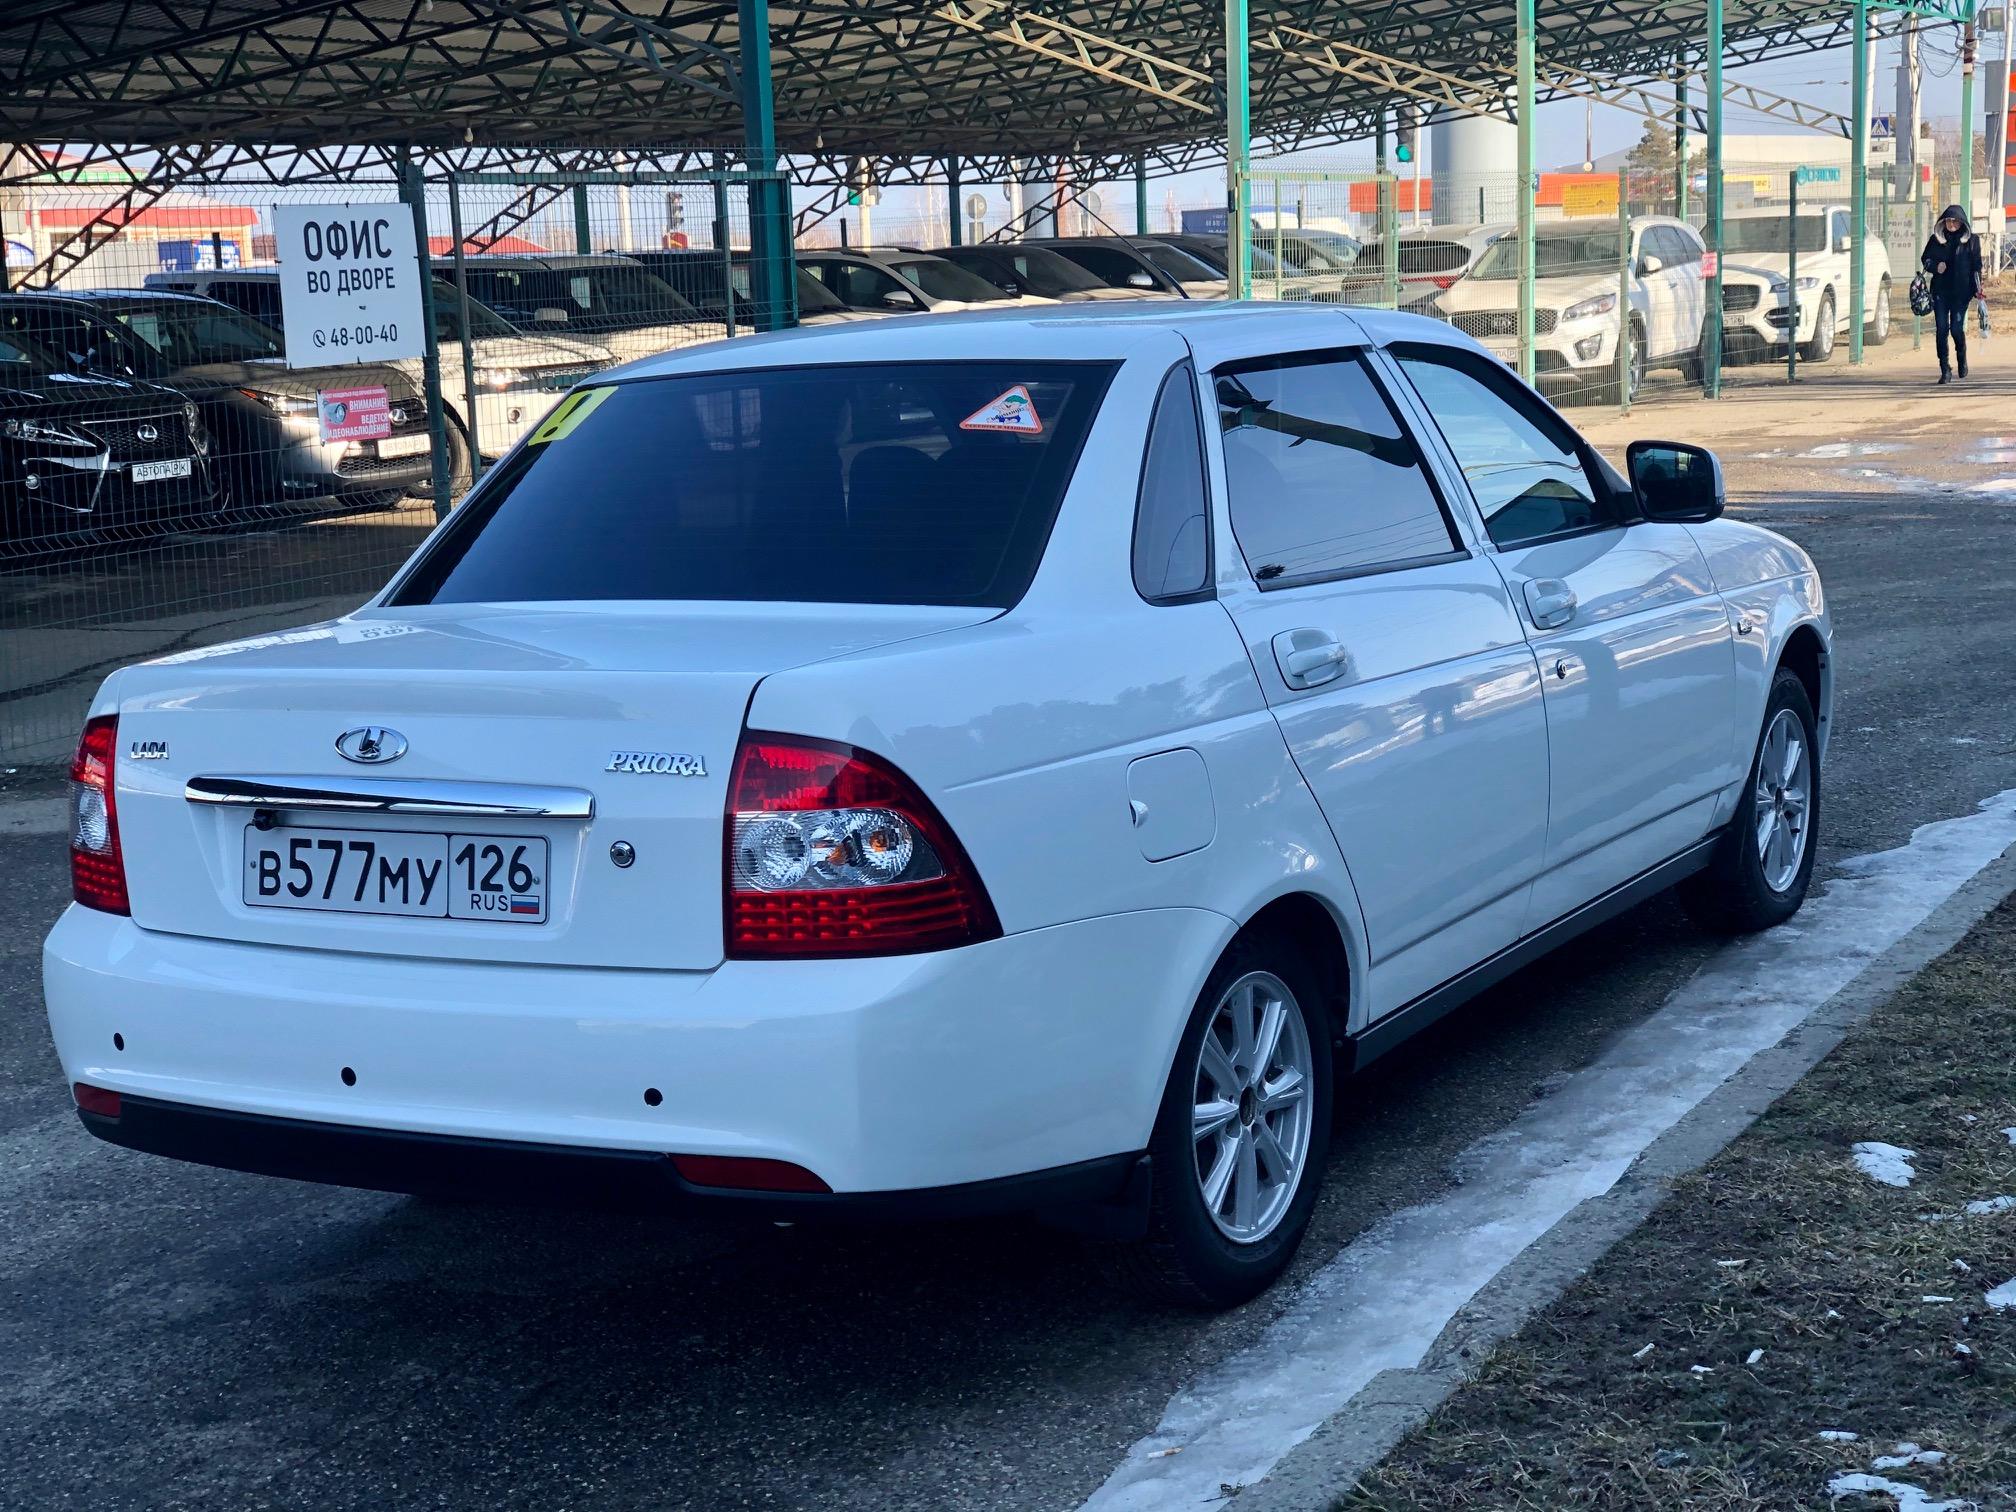 Купить LADA Priora (Белый) - Автопарк Ставрополь